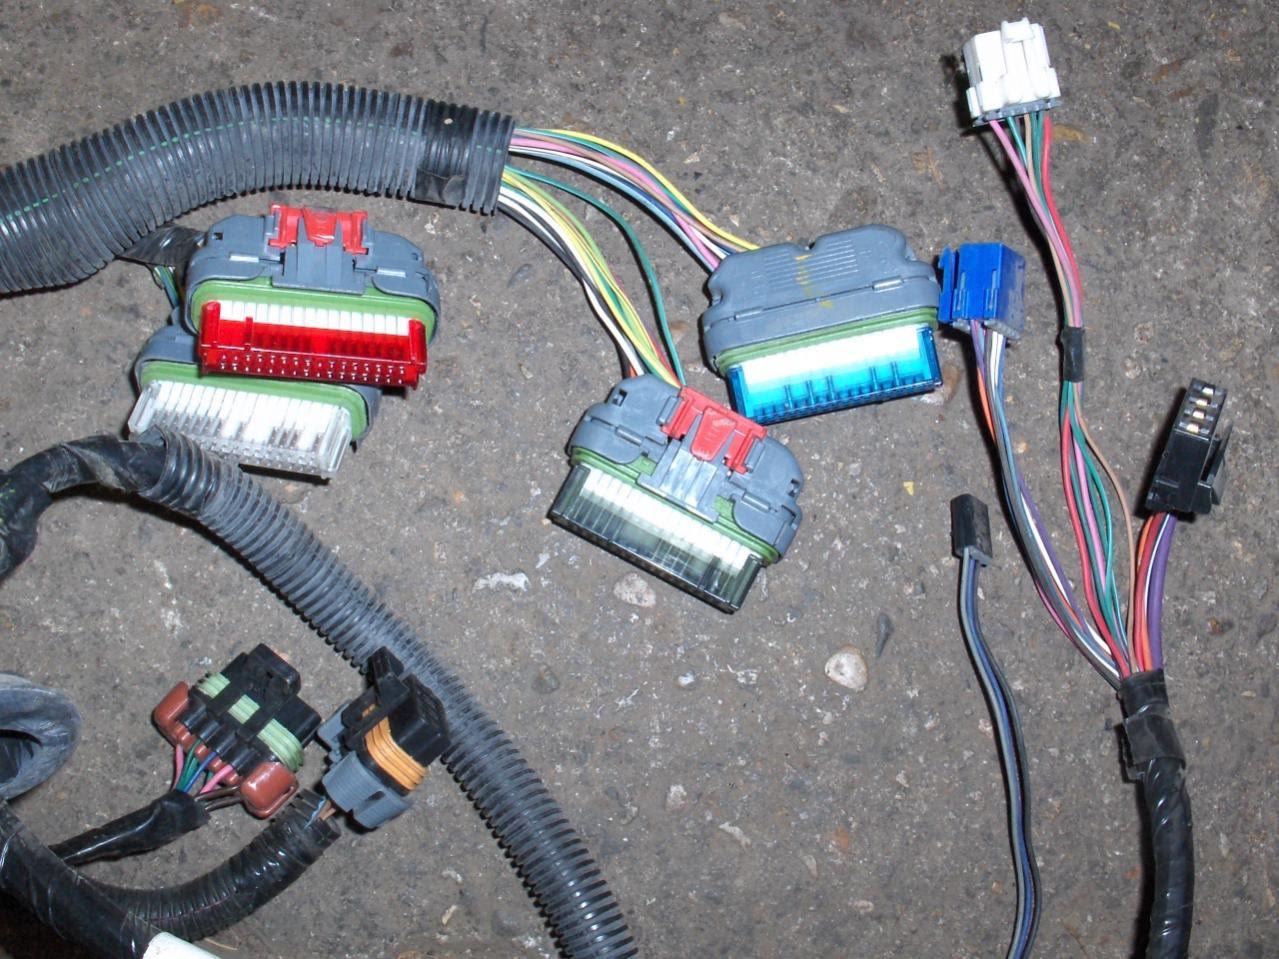 97 Camaro Z28 LT1 4L60E engine wire harness - LS1TECH